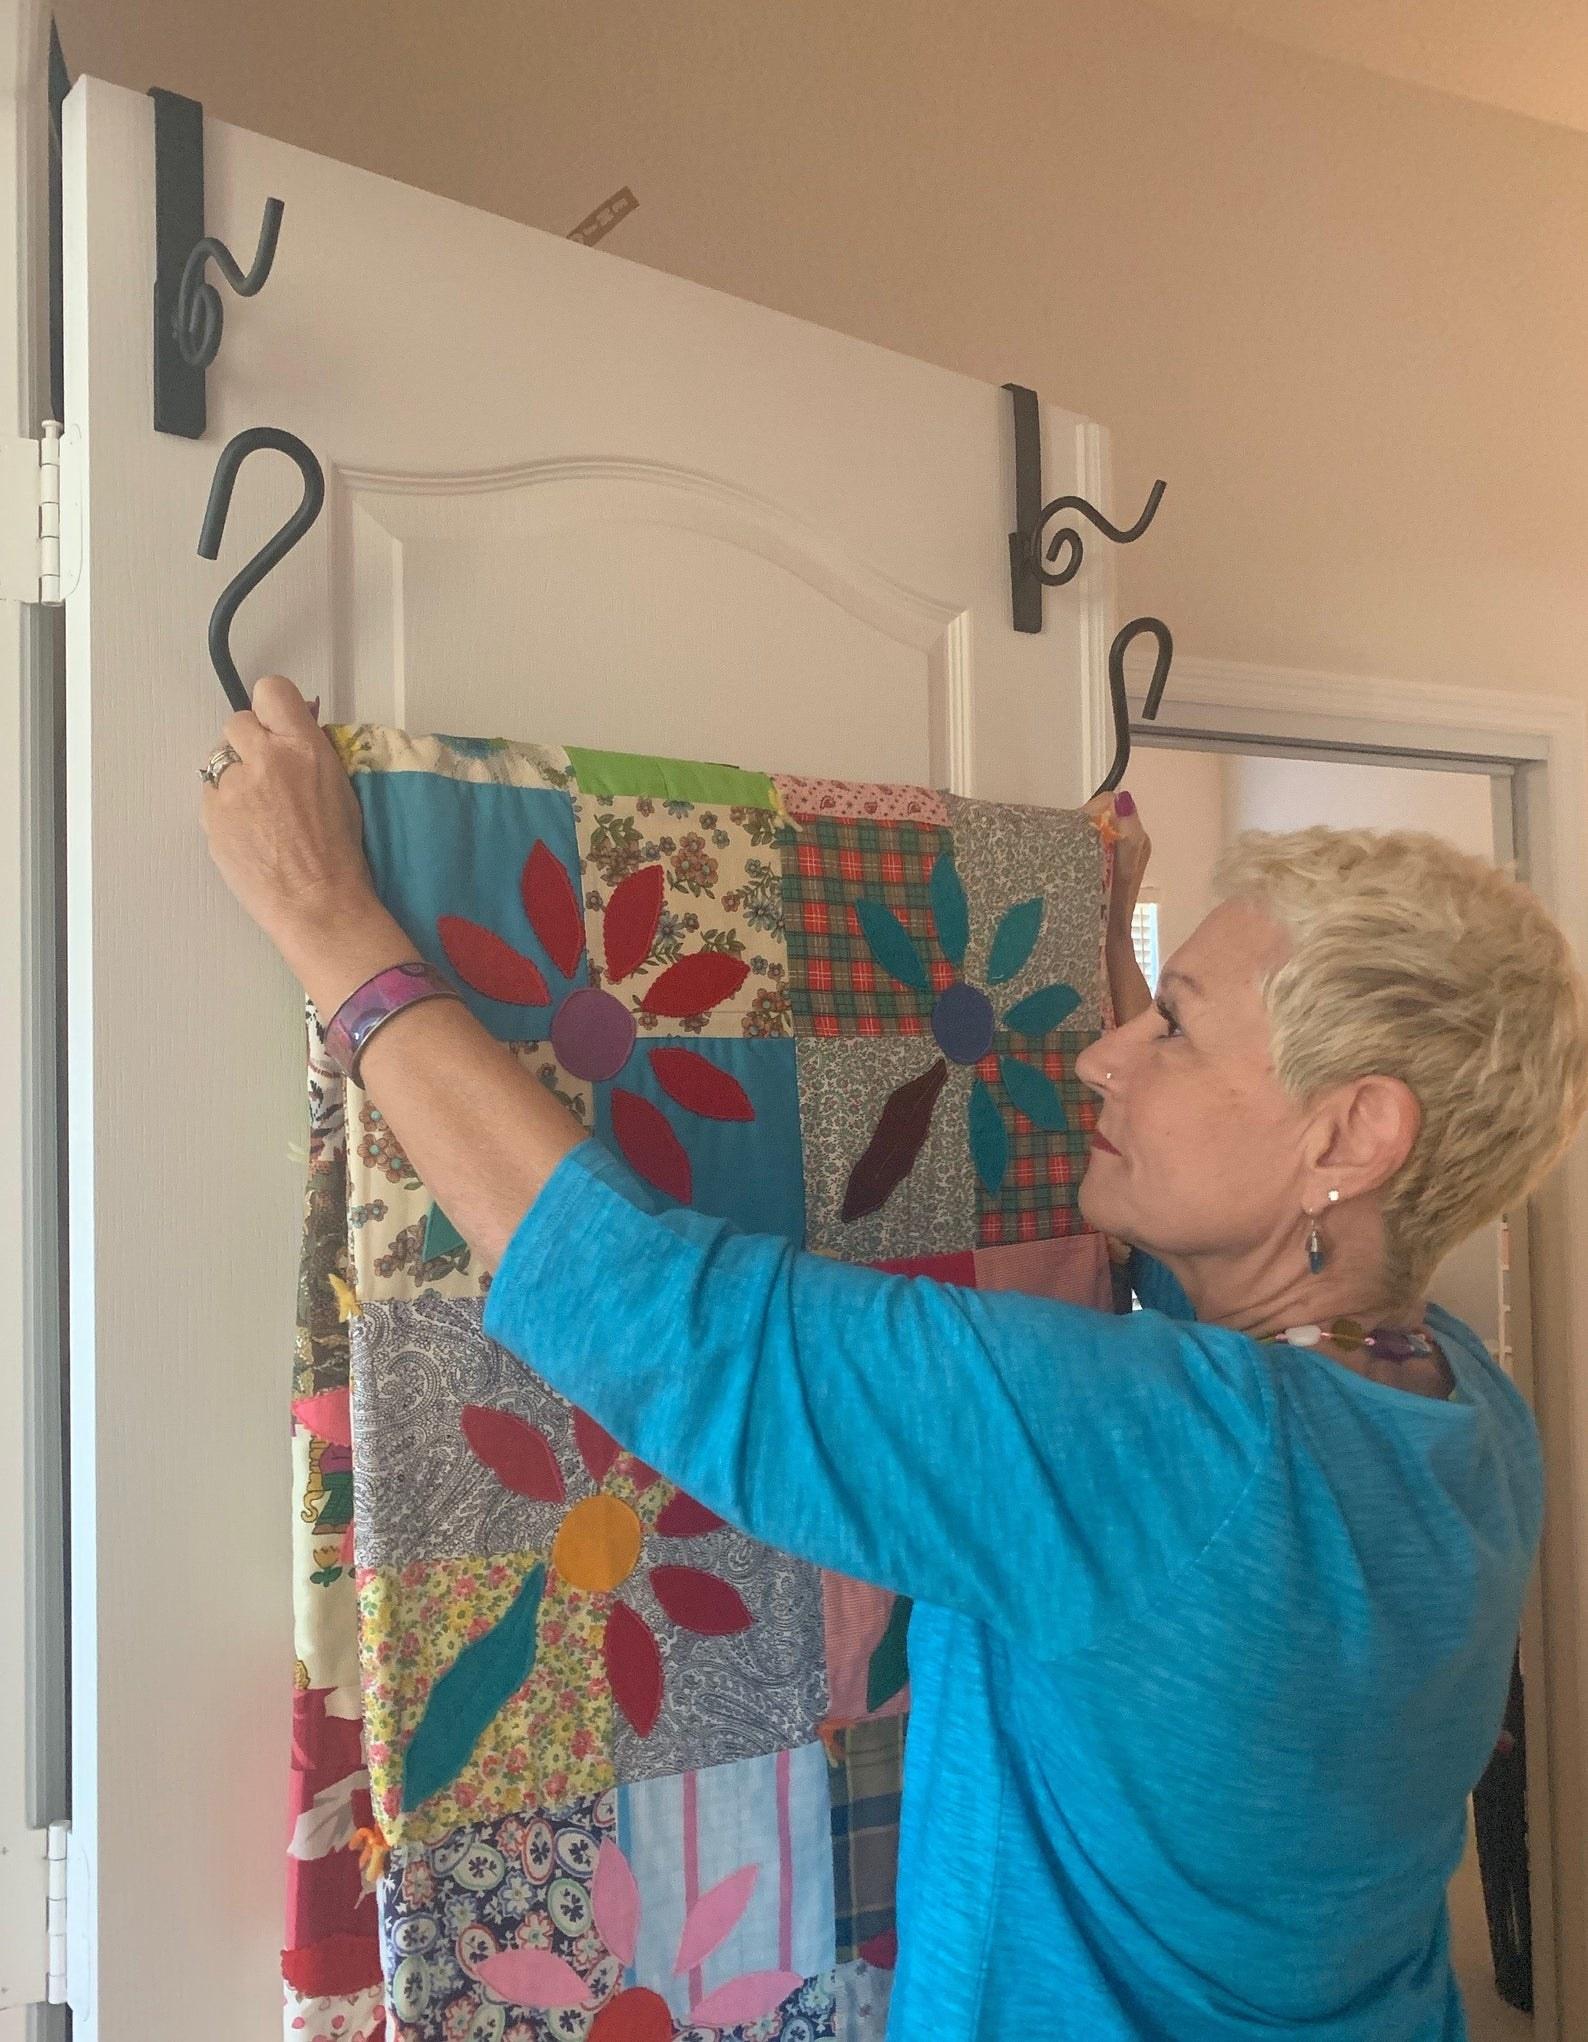 Model hanging quilt on over-the-door hanger